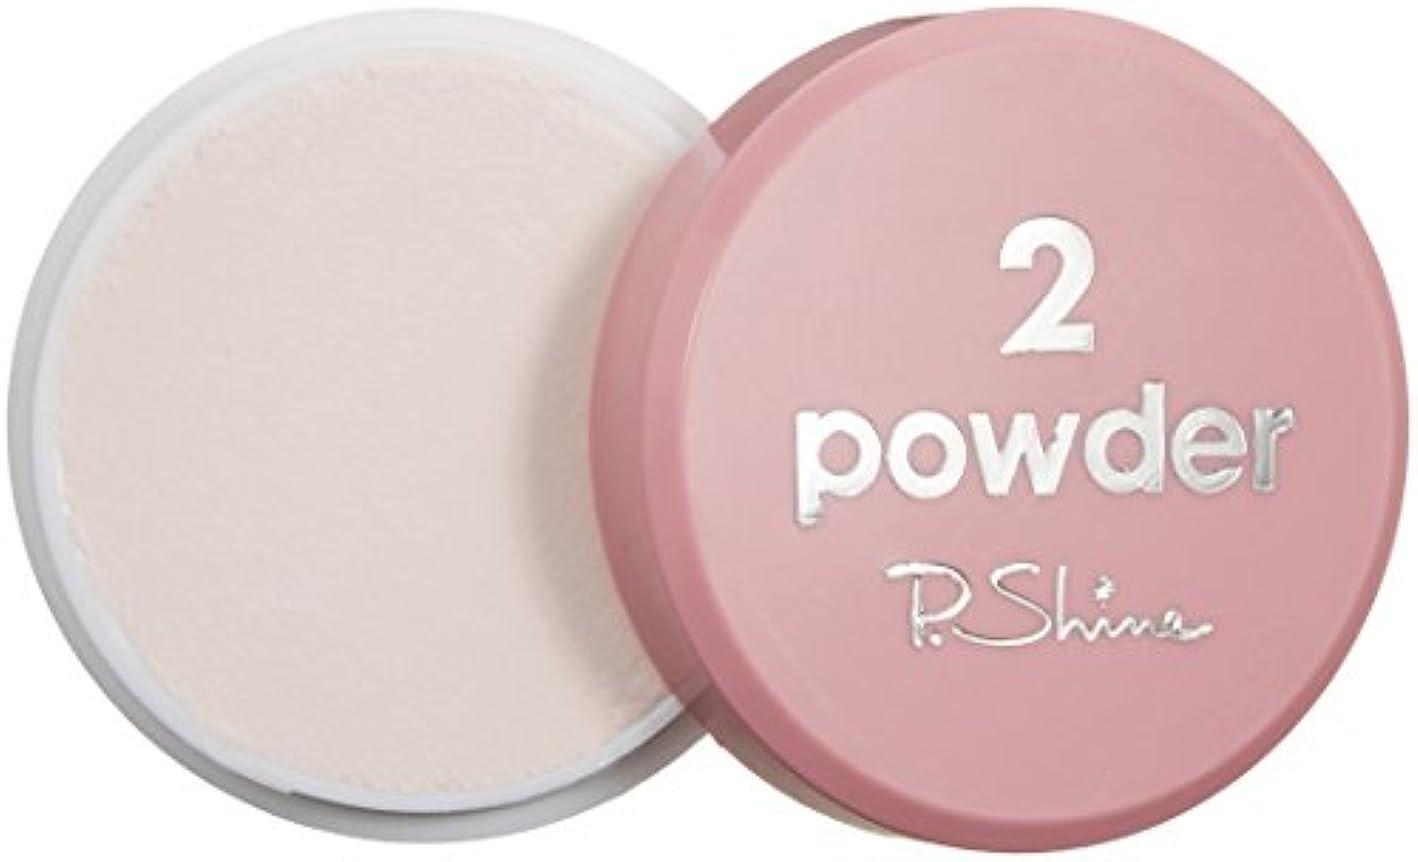 散らすくぼみ契約したP. Shine 爪磨きパウダー 5g 爪磨き用の光沢剤